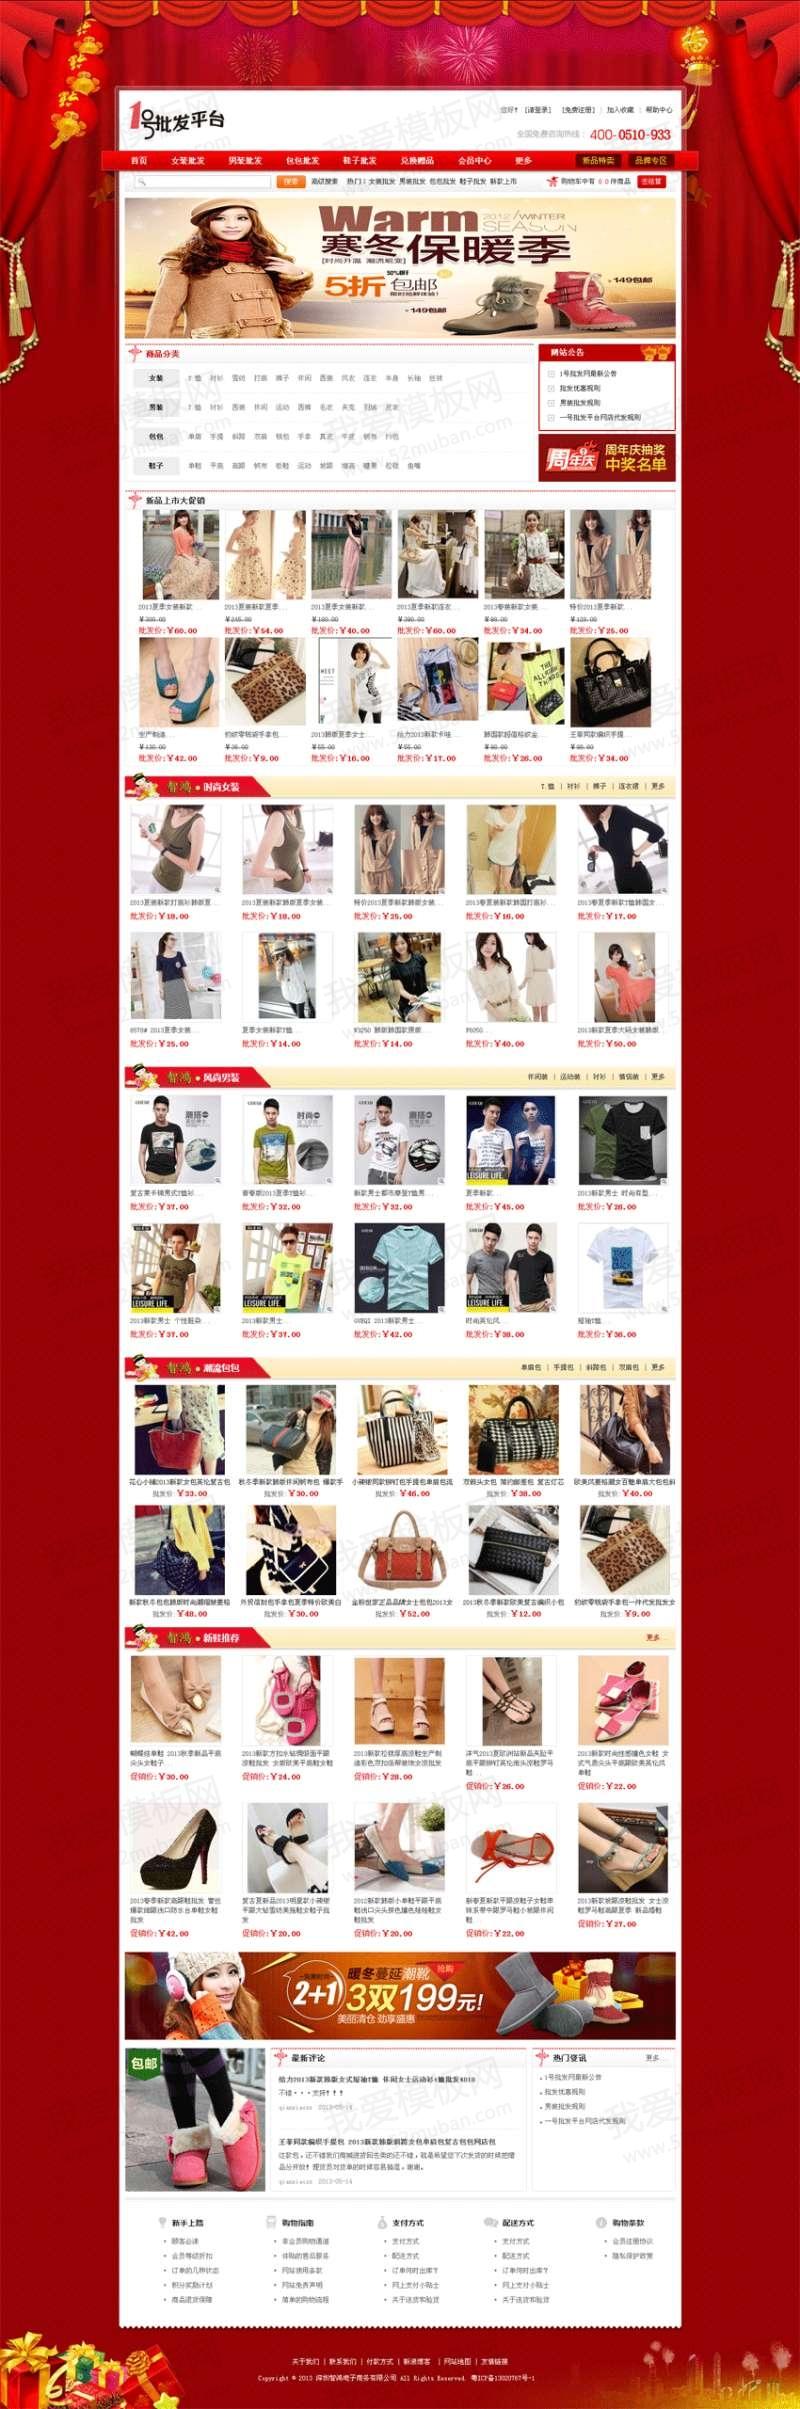 一号店网上商城模板_红色的淘宝商城装修模板html源码下载